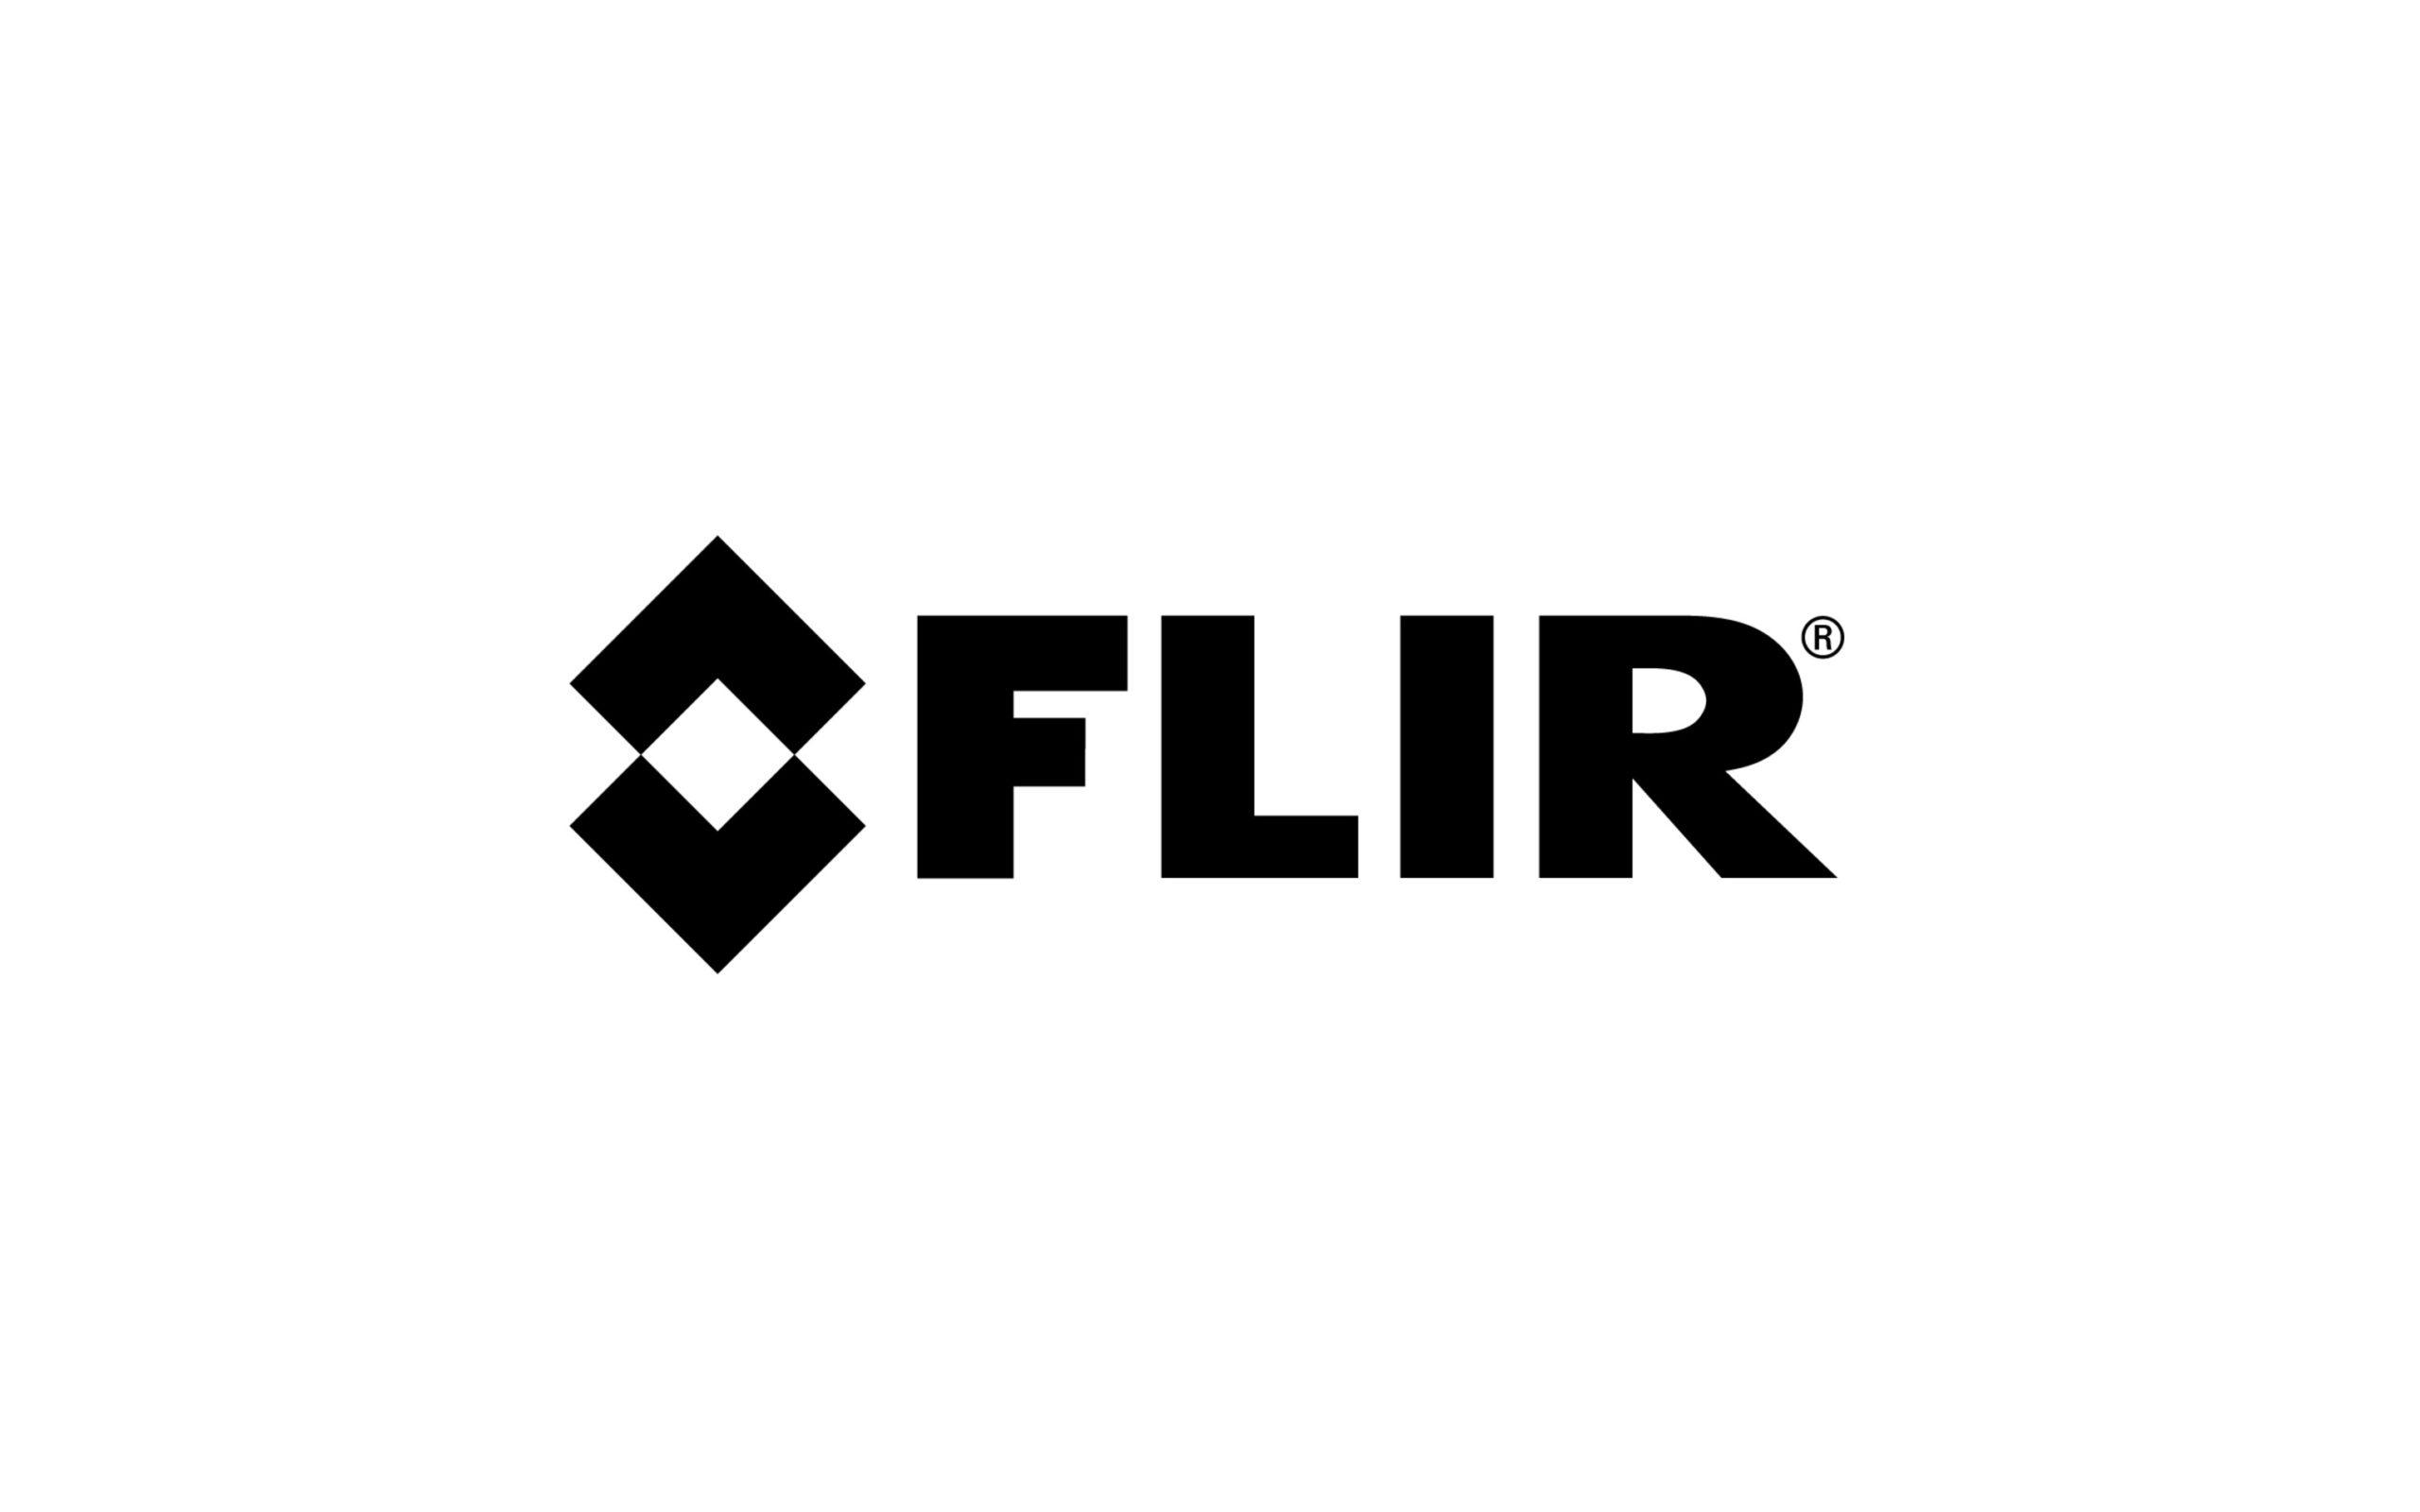 FLIR_Logo_Black-JPEG (Screen - 150 dpi)